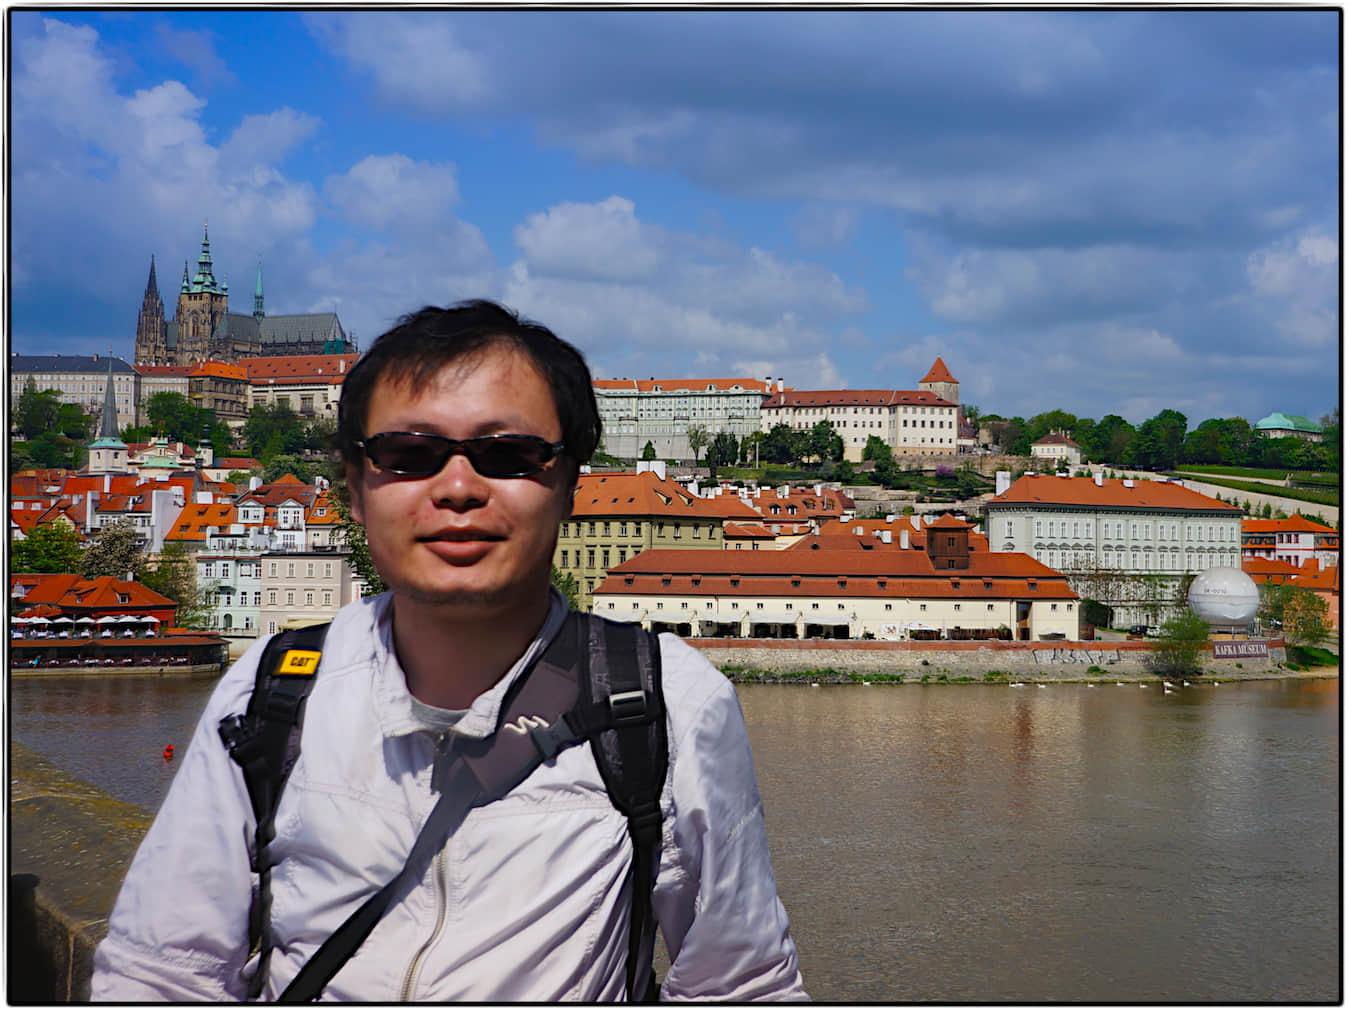 郝海龙在布拉格